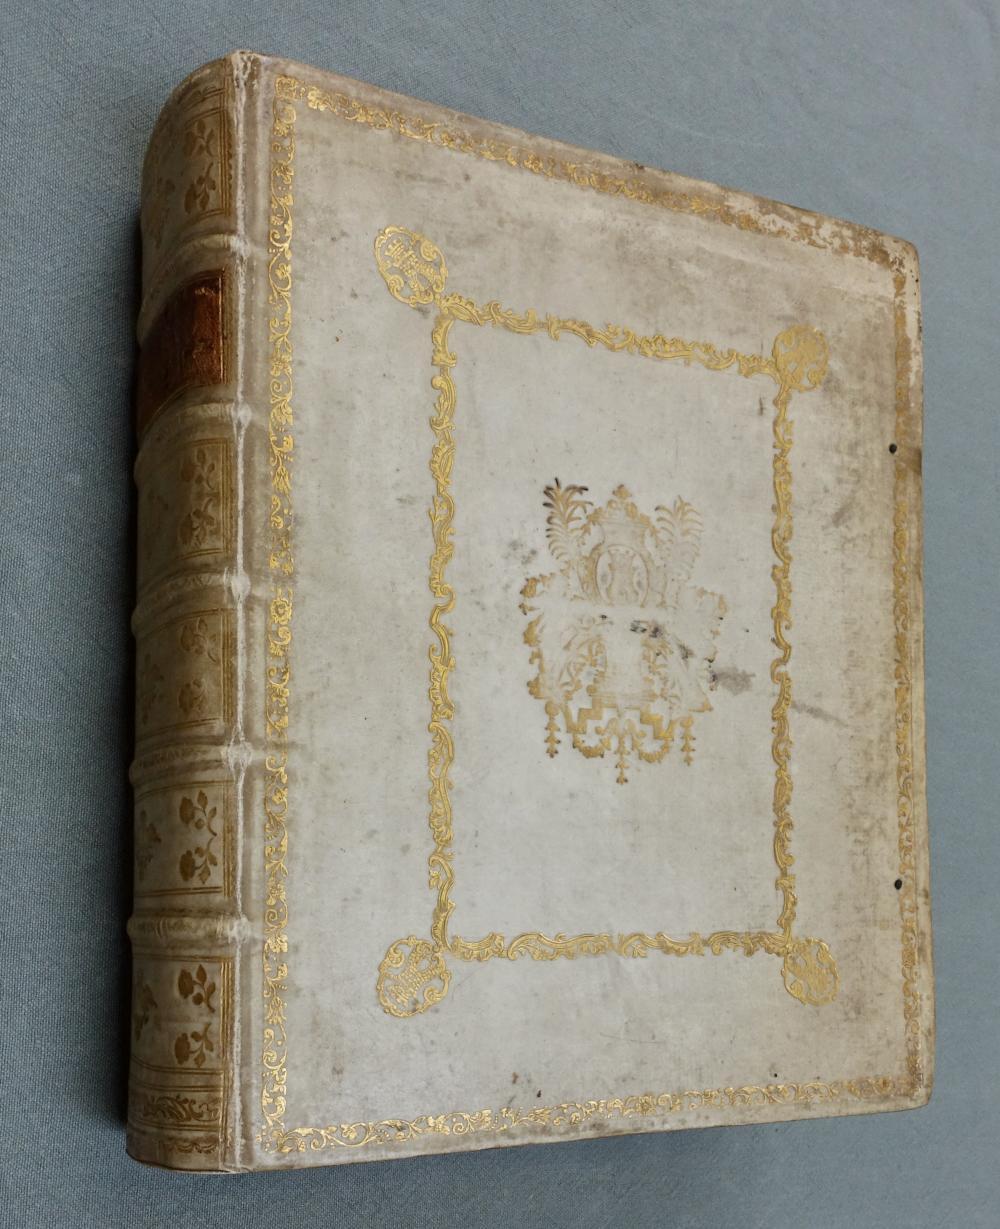 BIBLIA GRAECA -- VETUS TESTAMENTUM ex versione Septuaginta interpretum. Accur. denuo rec. Summa